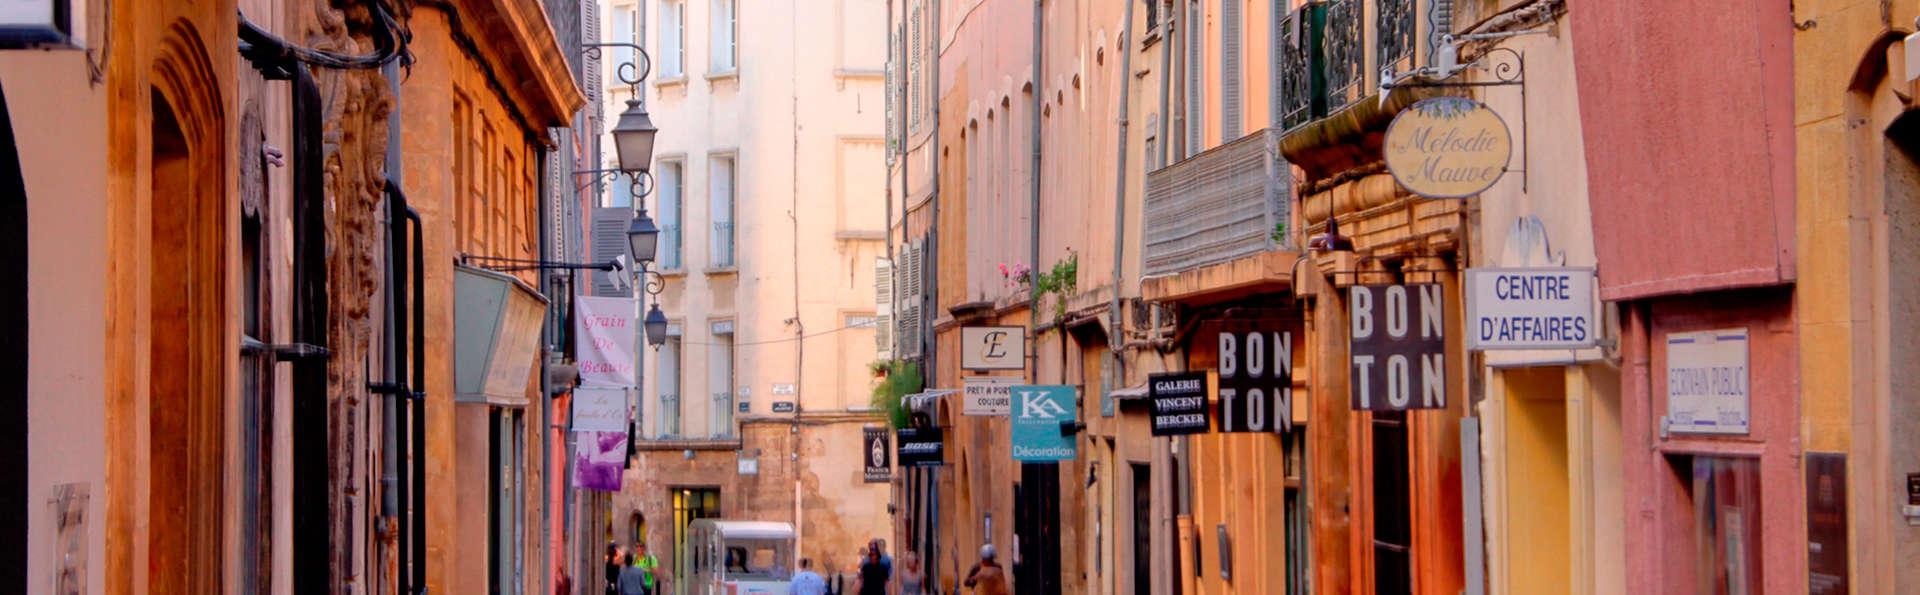 Week-end en plein coeur d'Aix-en-Provence dans un hôtel de charme